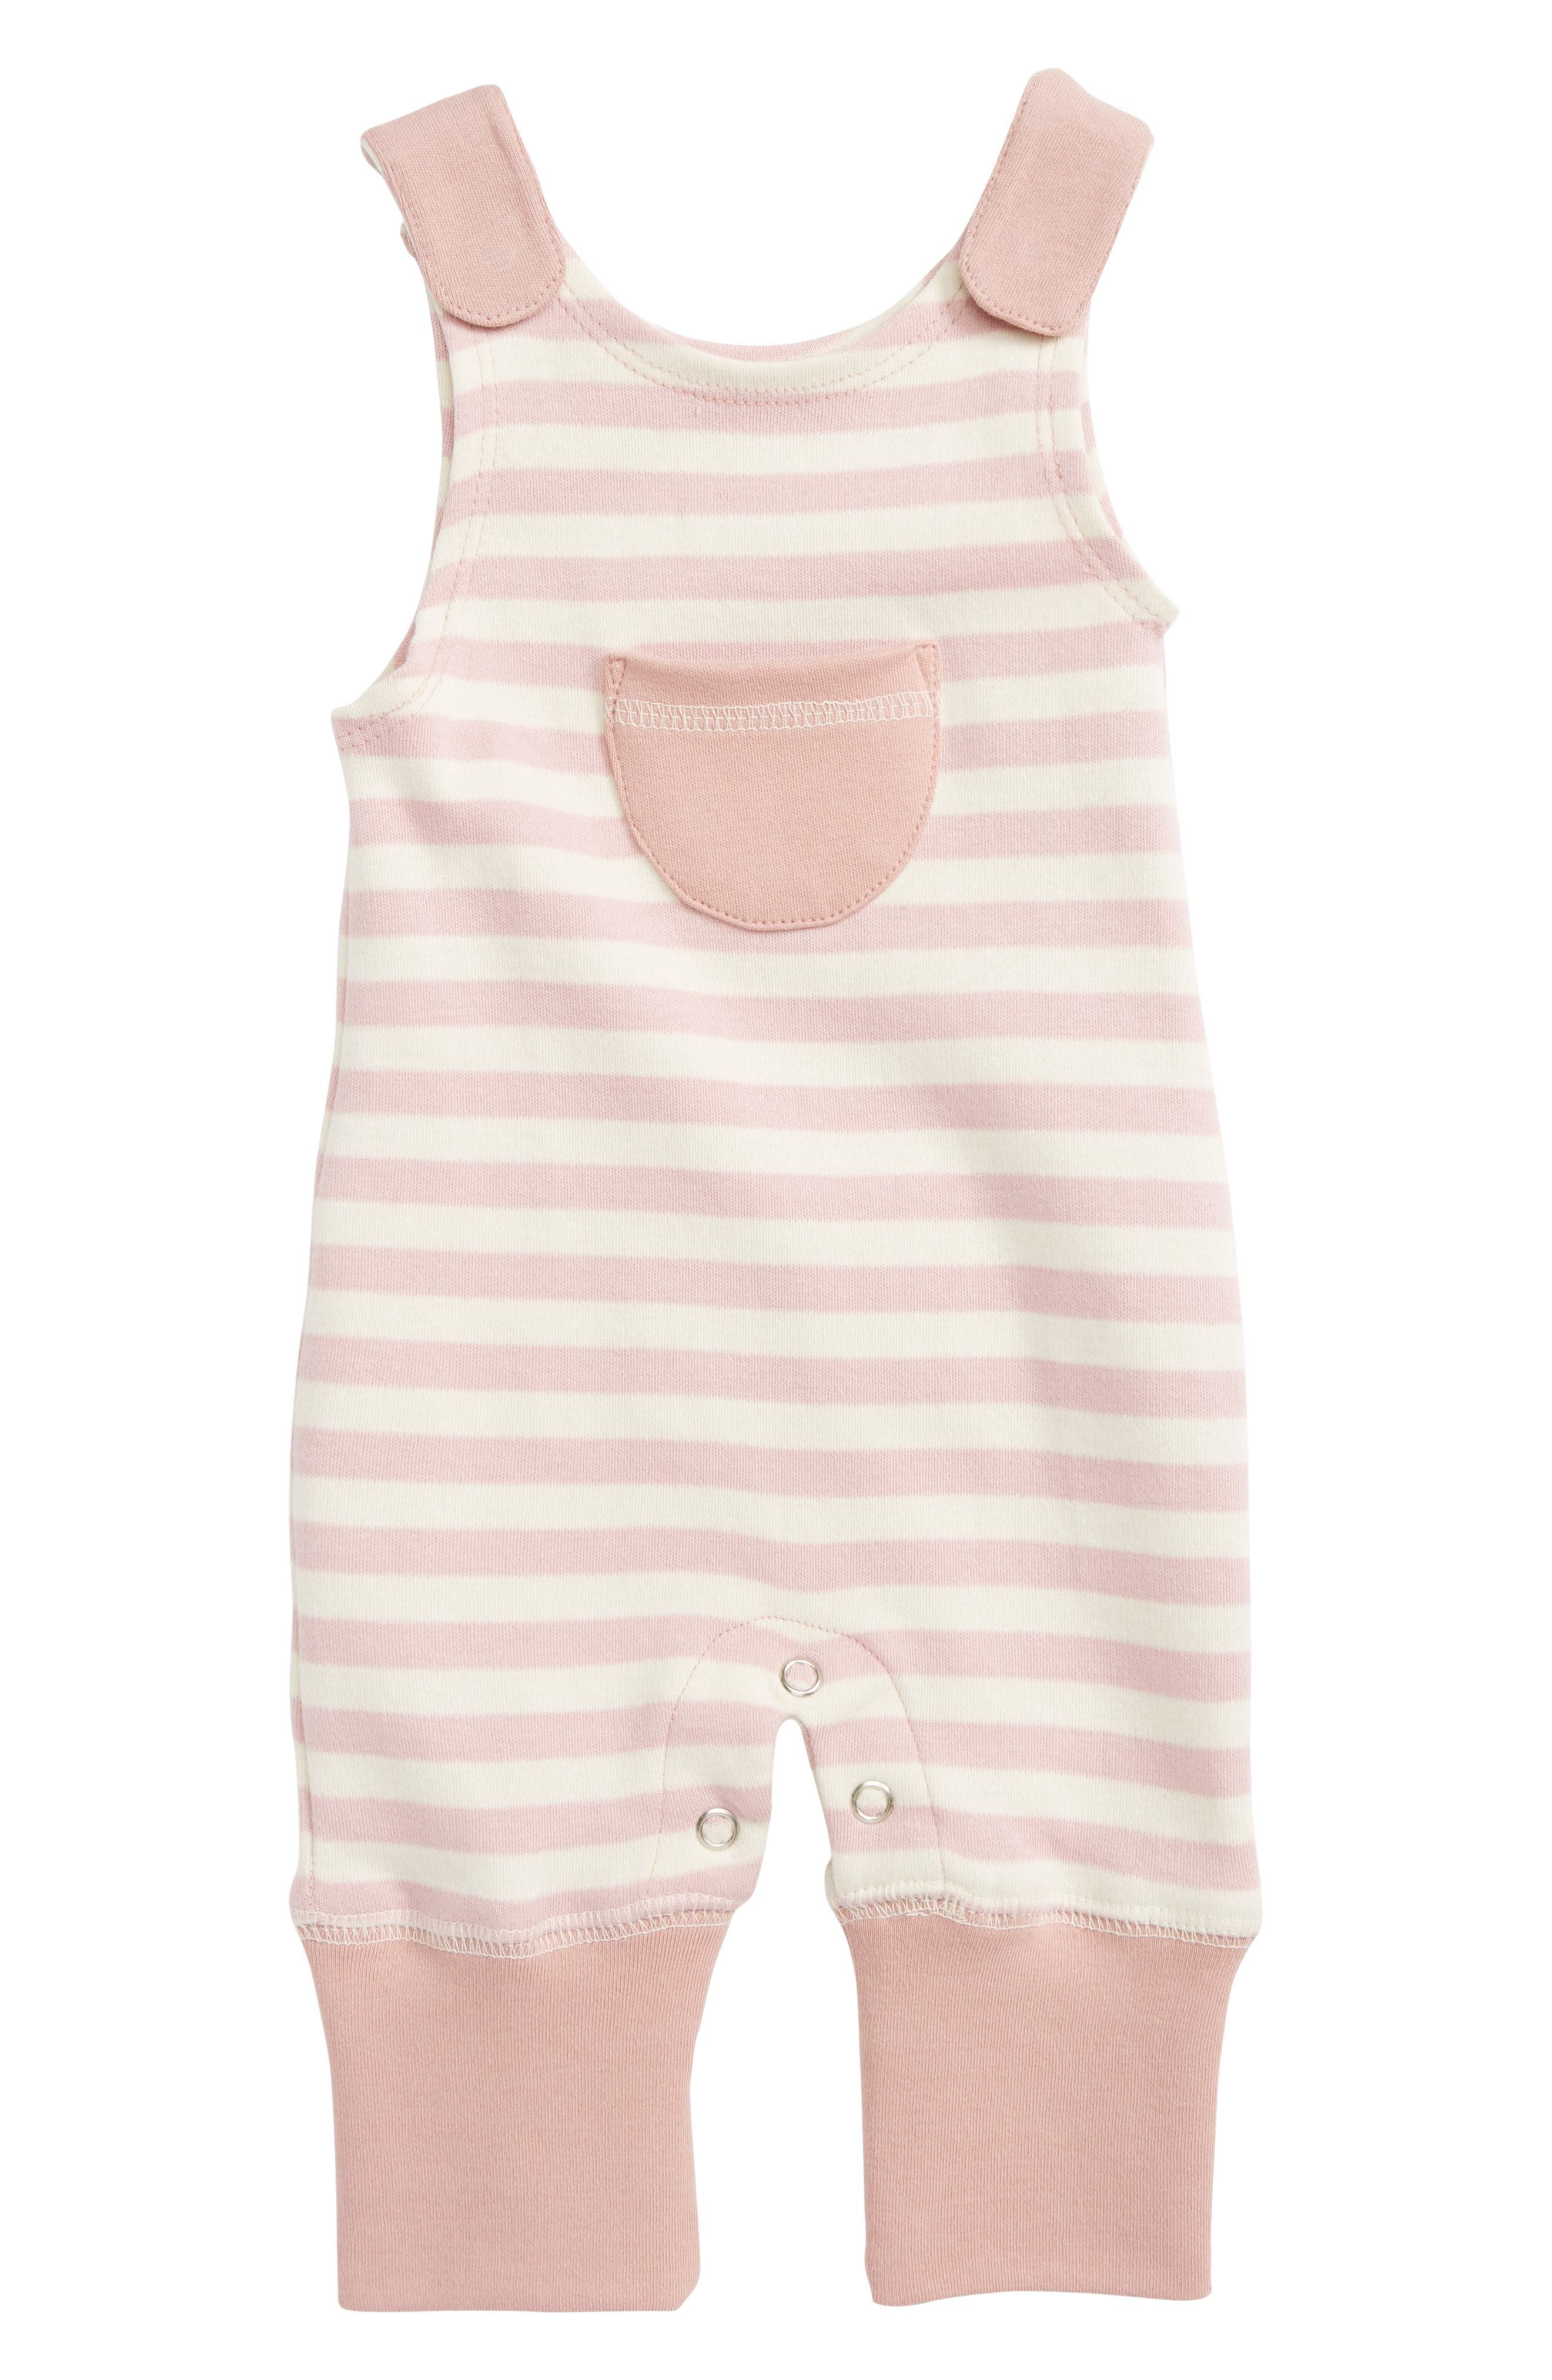 Stripe Organic Cotton Harem Romper,                             Main thumbnail 1, color,                             Mauve/ Beige